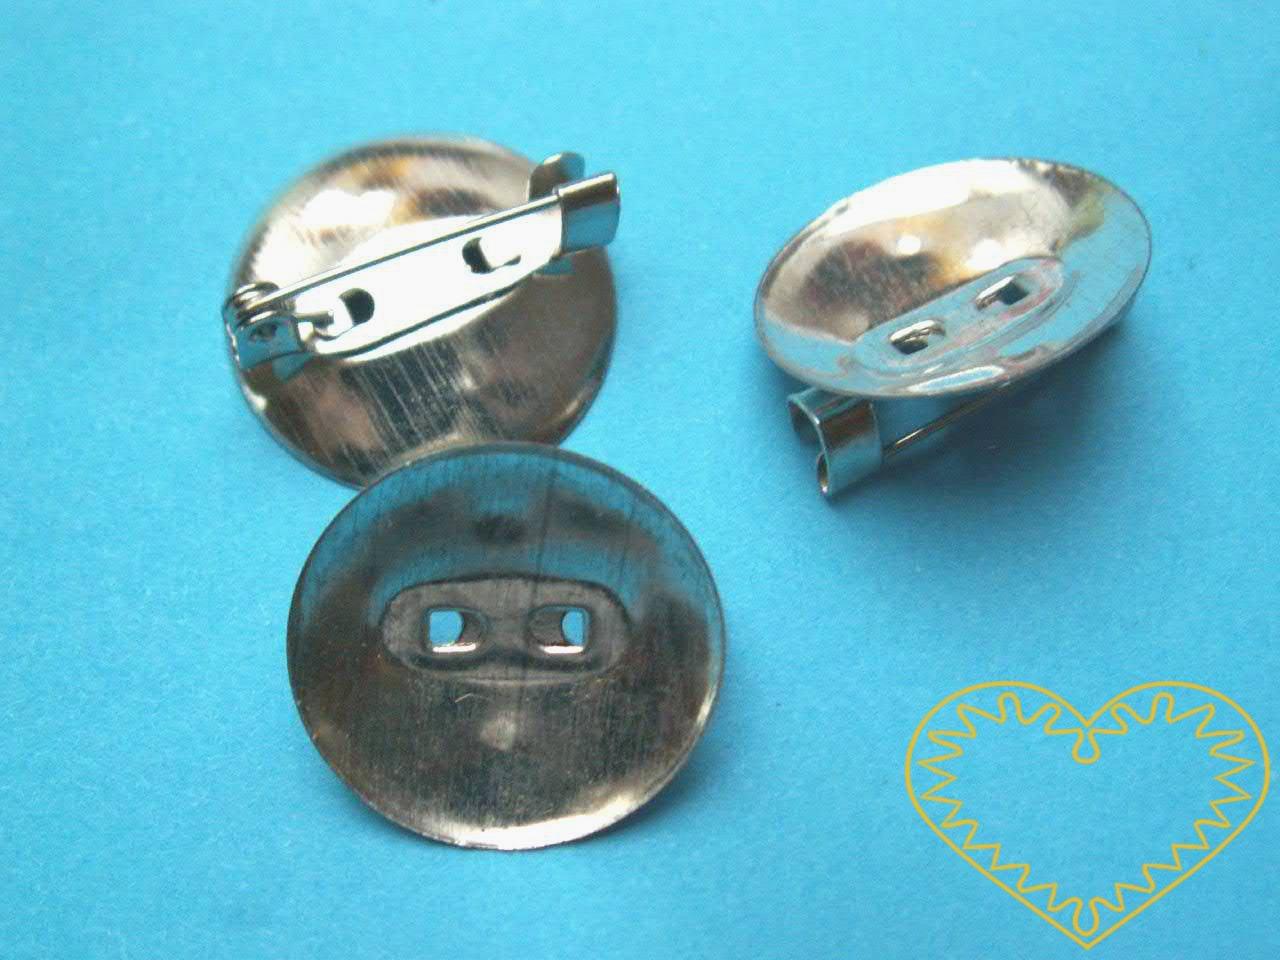 Brožový můstek s plíškem - Ø 19 mm. Pro vytváření vlastních nápaditých špendlíků a broží.